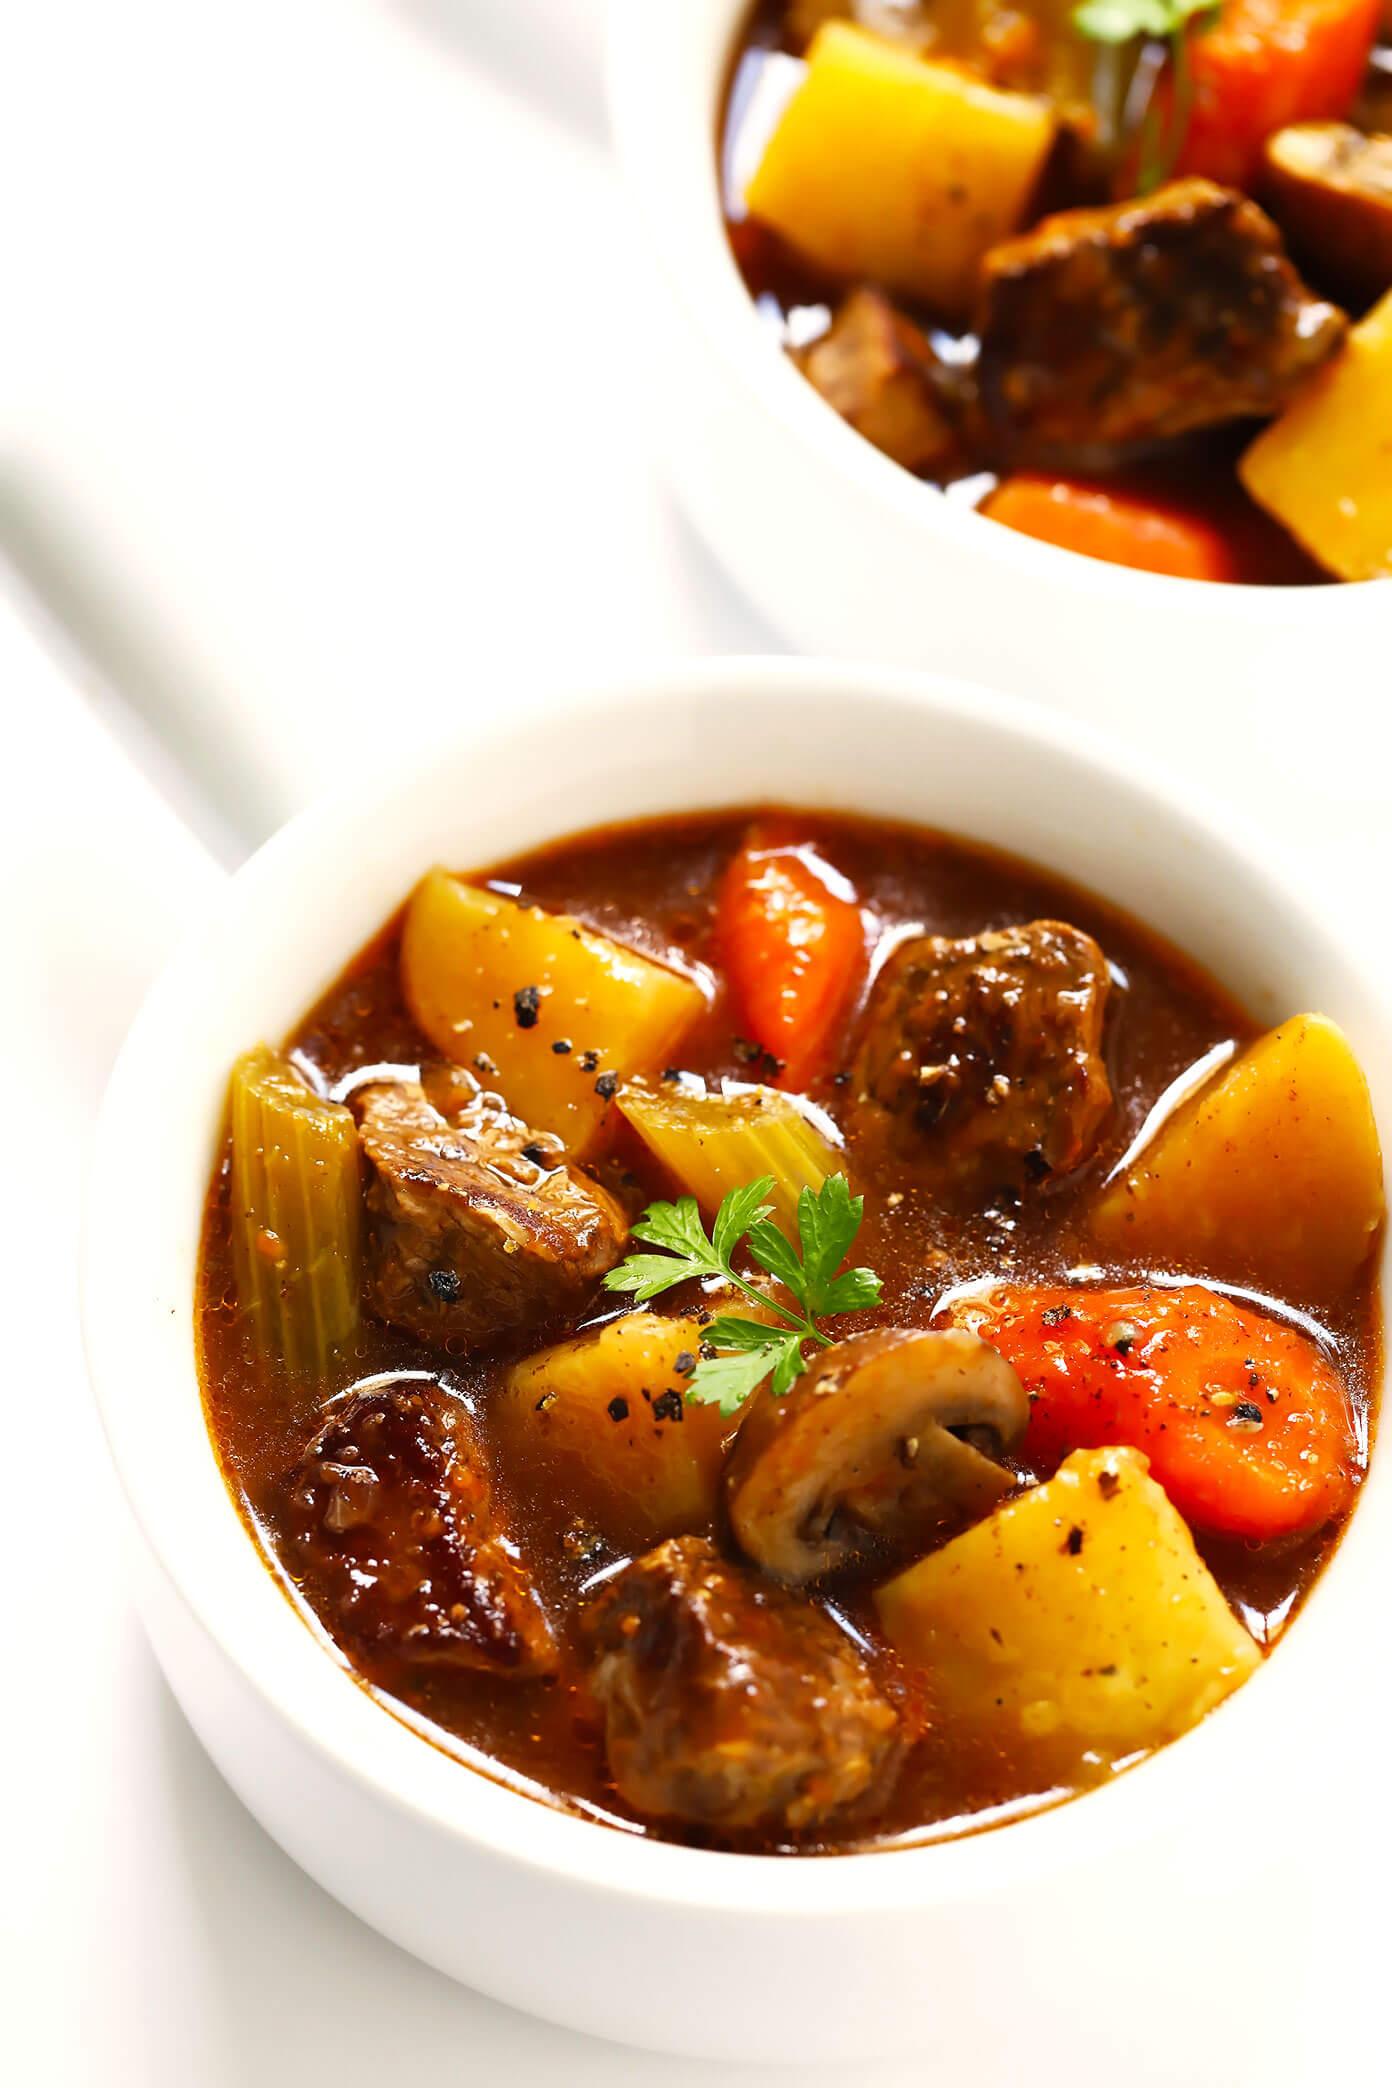 Beef Stew Recipe (Crock Pot or Instant Pot)